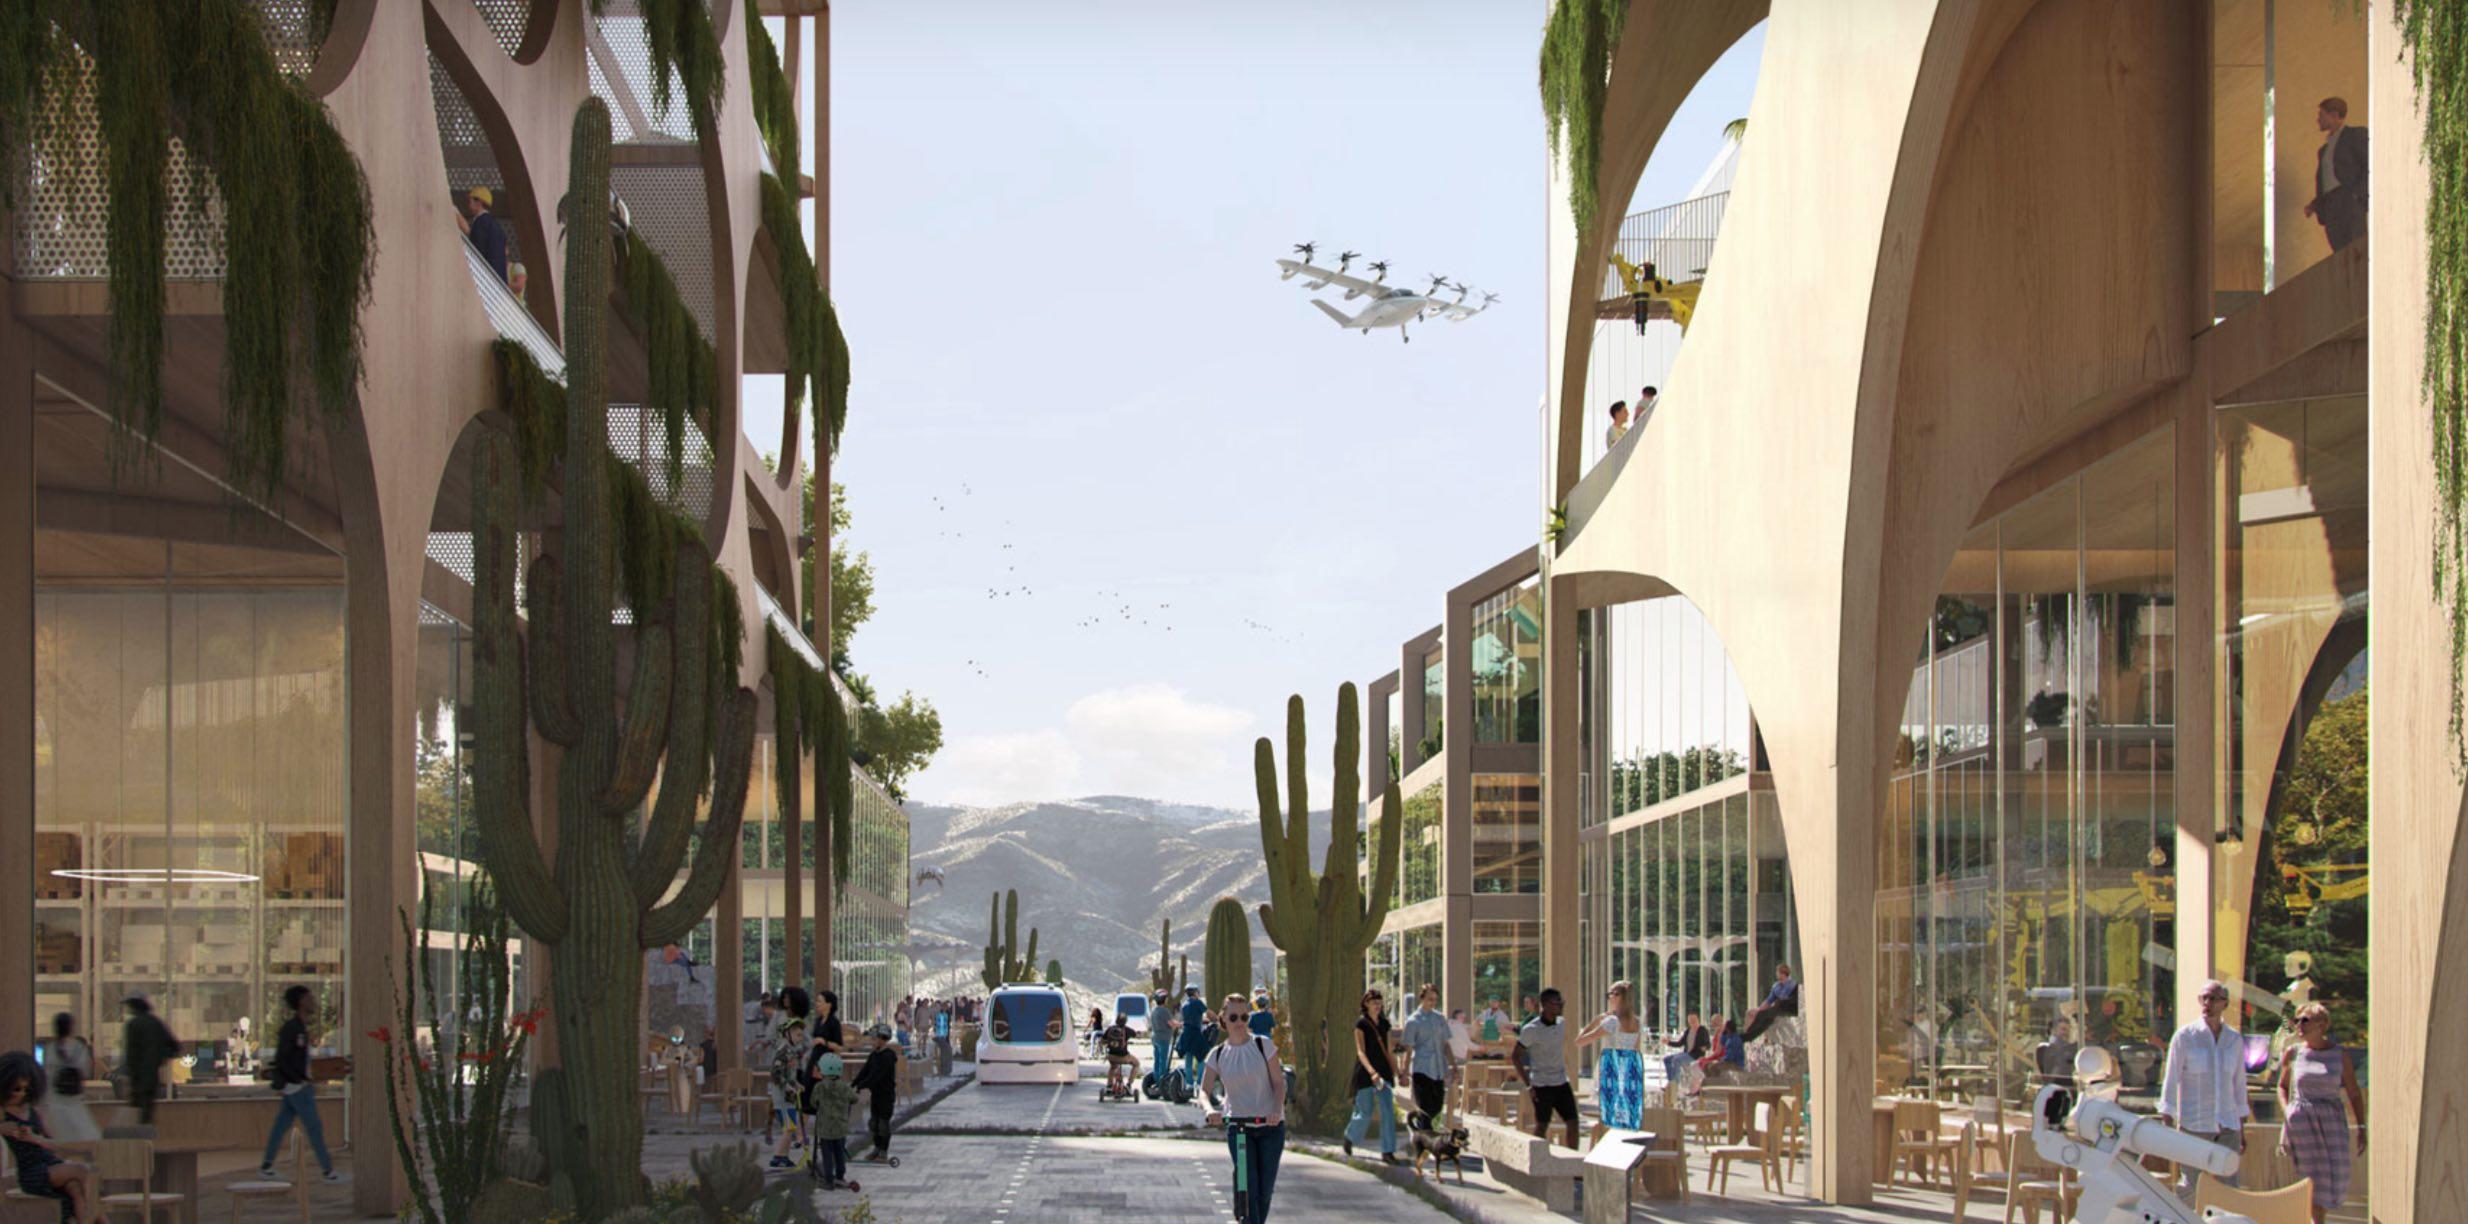 В американской пустыне хотят построить экологический город будущего за $400 млрд: фото